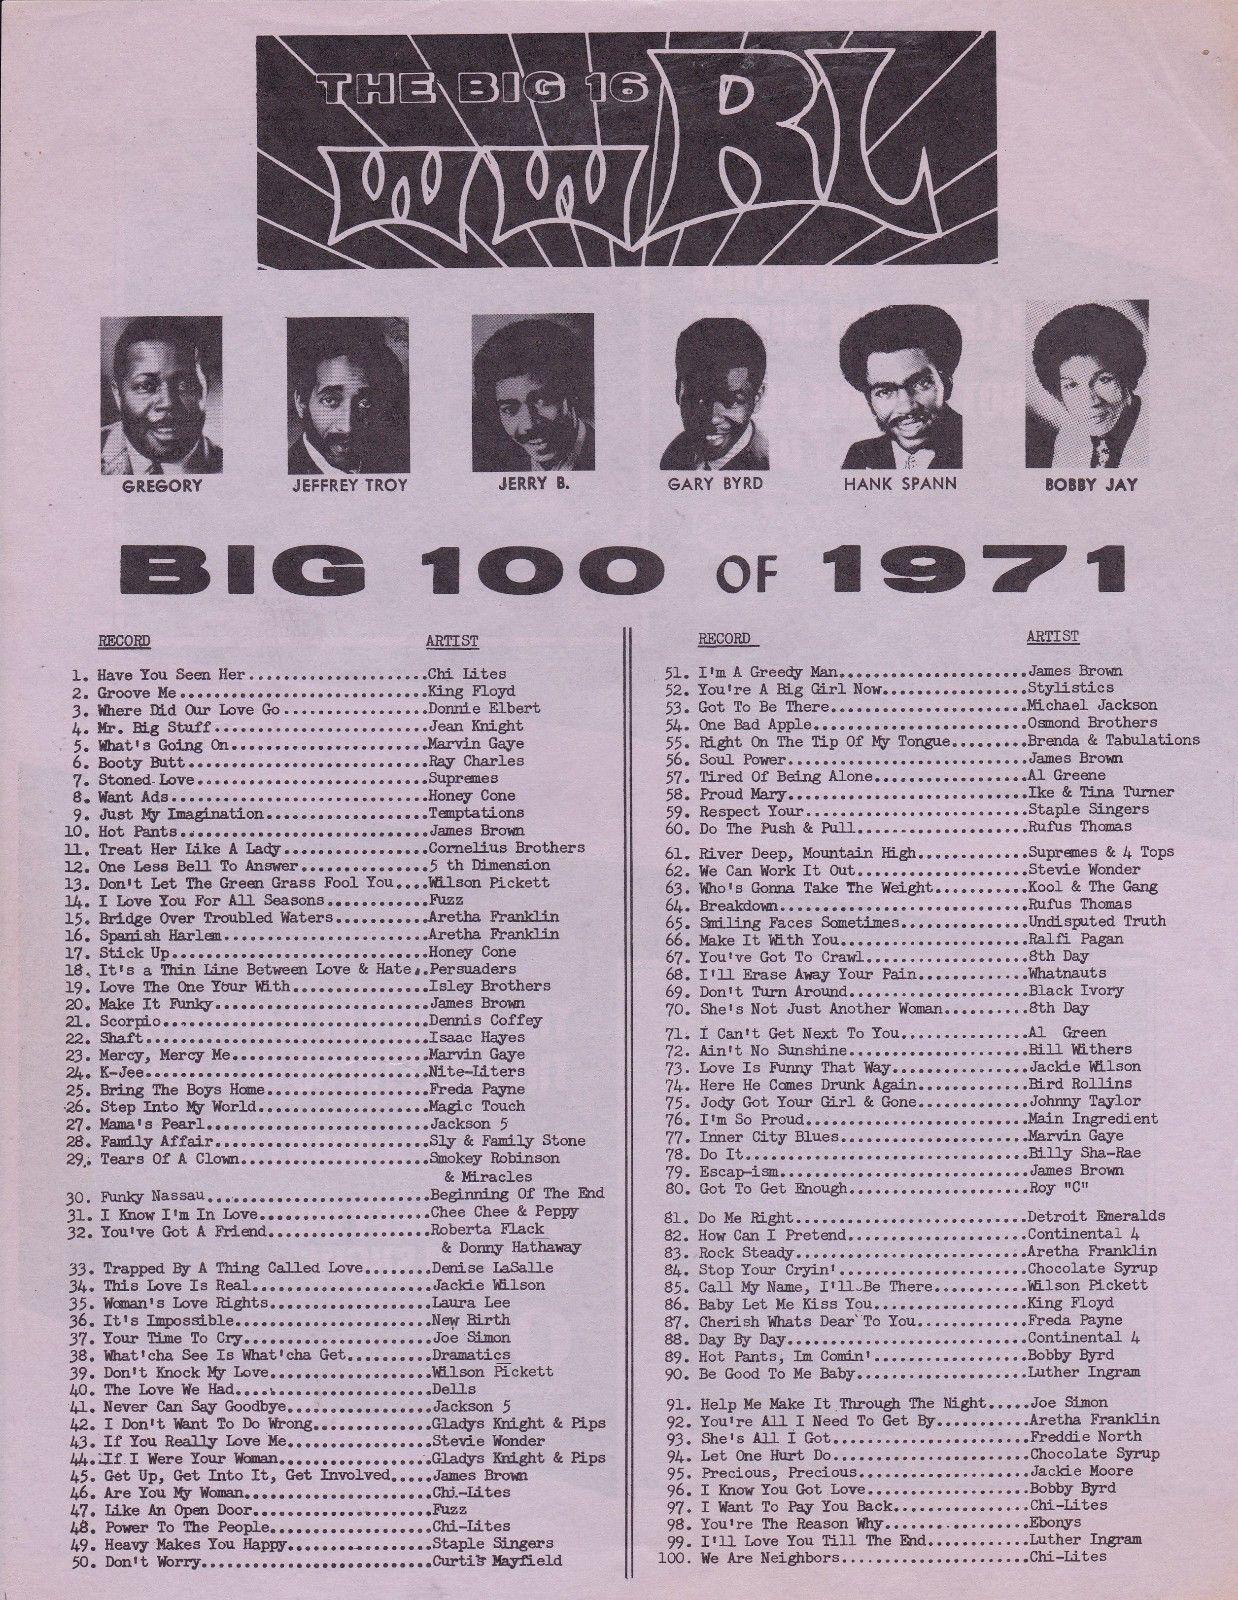 WWRL-1971